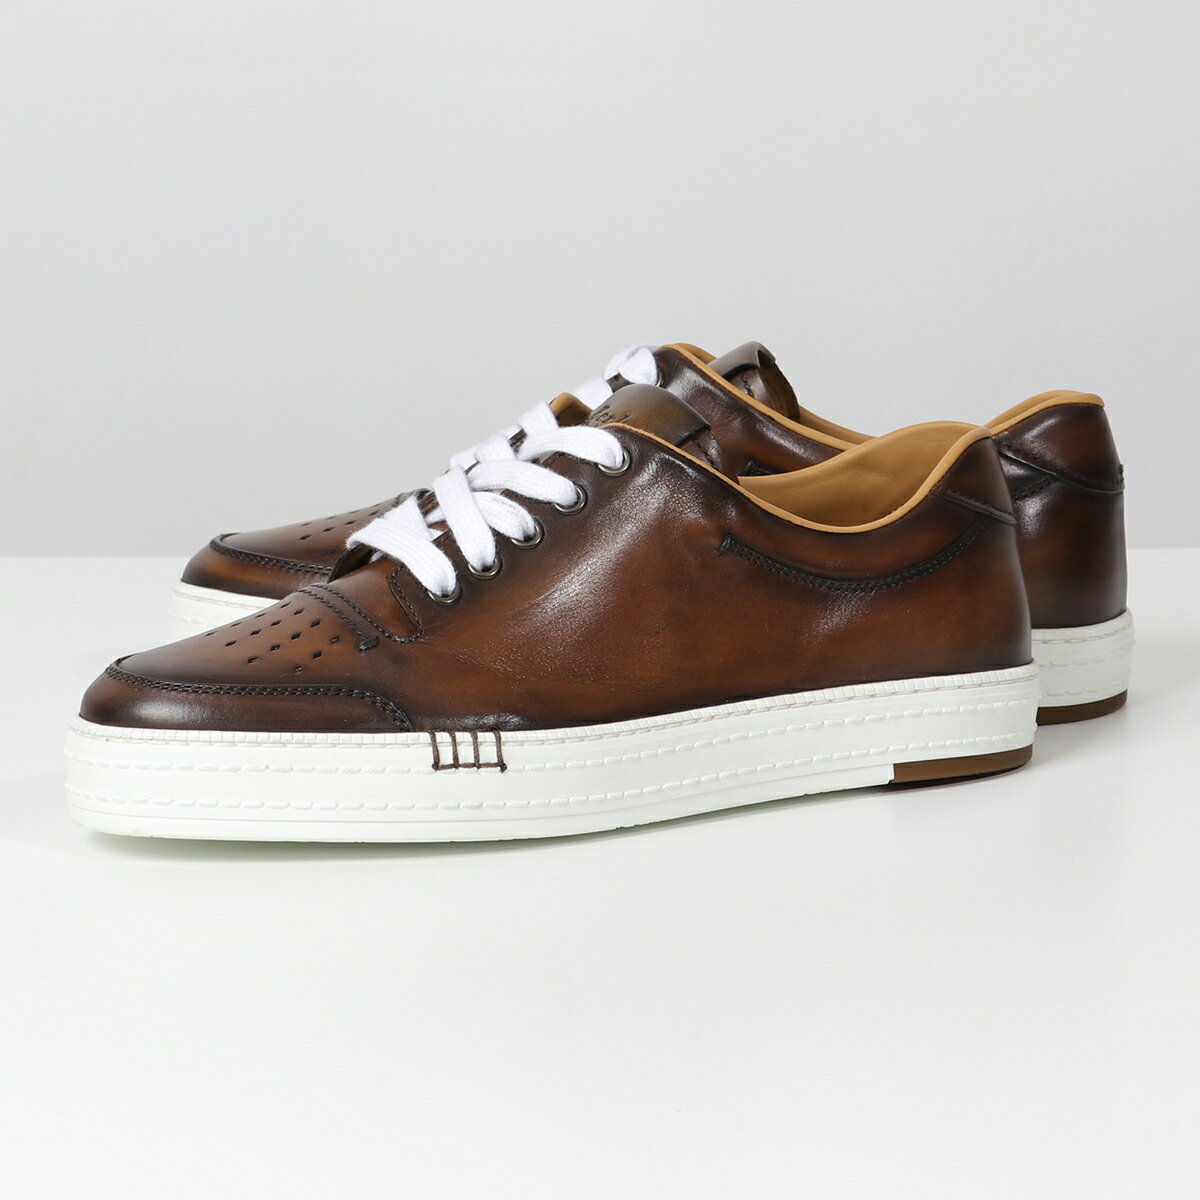 メンズ靴, スニーカー Berluti S4035 016 PALERMO MF4MOGANO